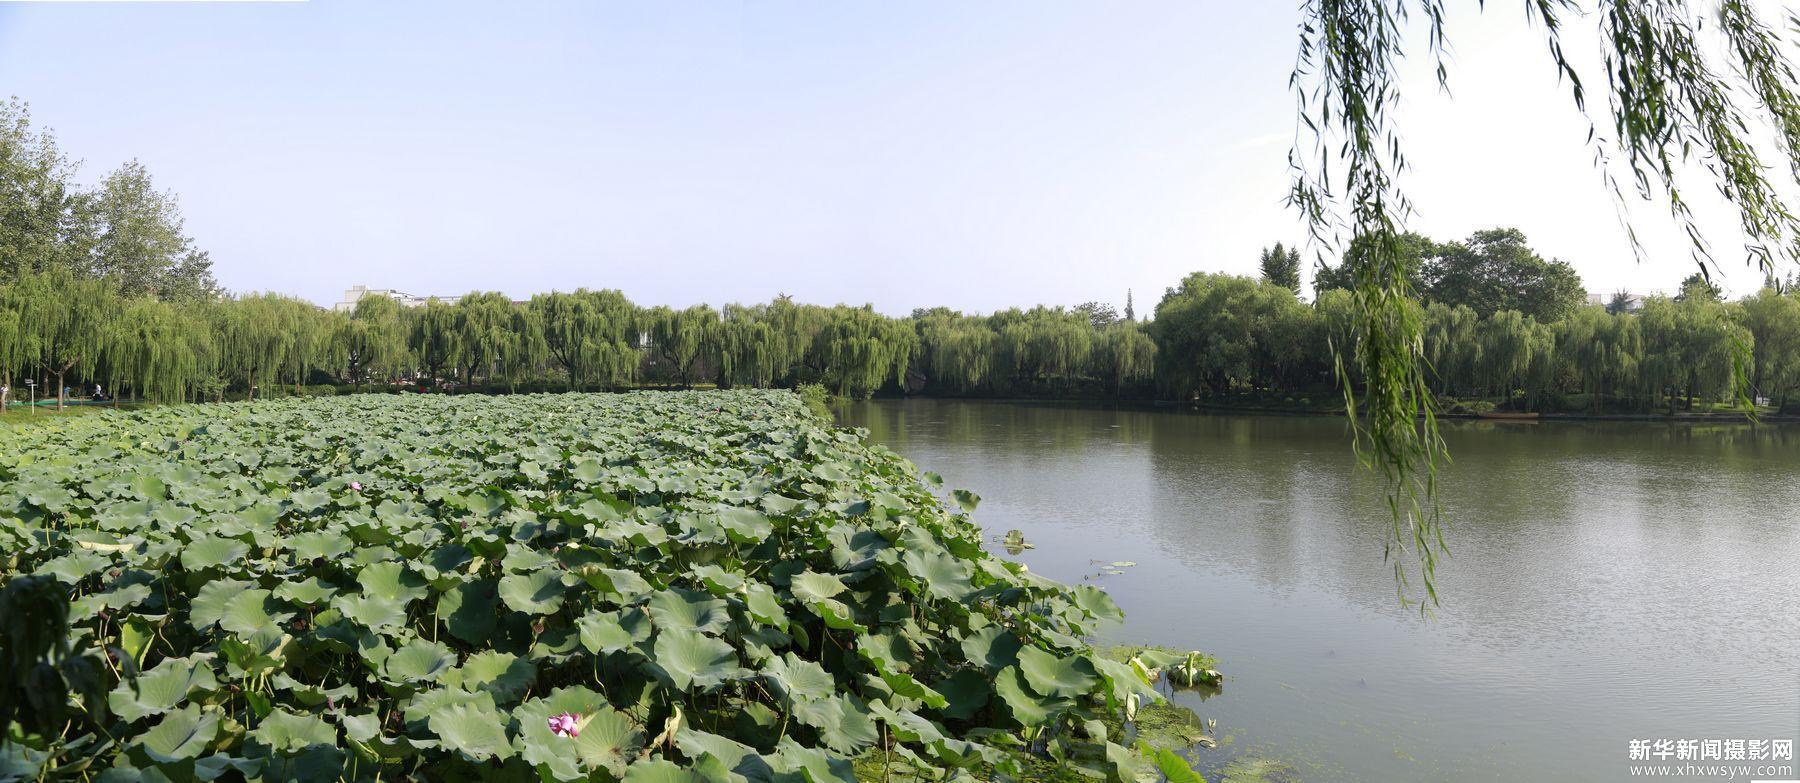 荷花池全景图6